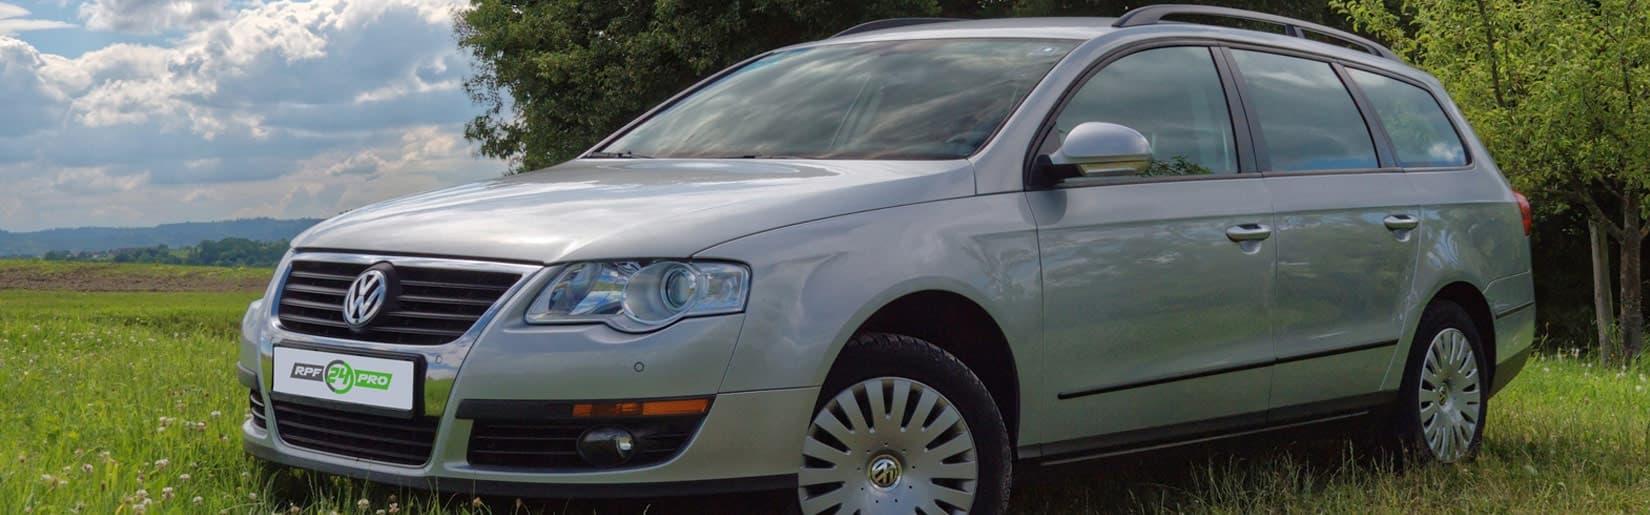 Dieselpartikelfilter reinigen für VW Fahrzeuge